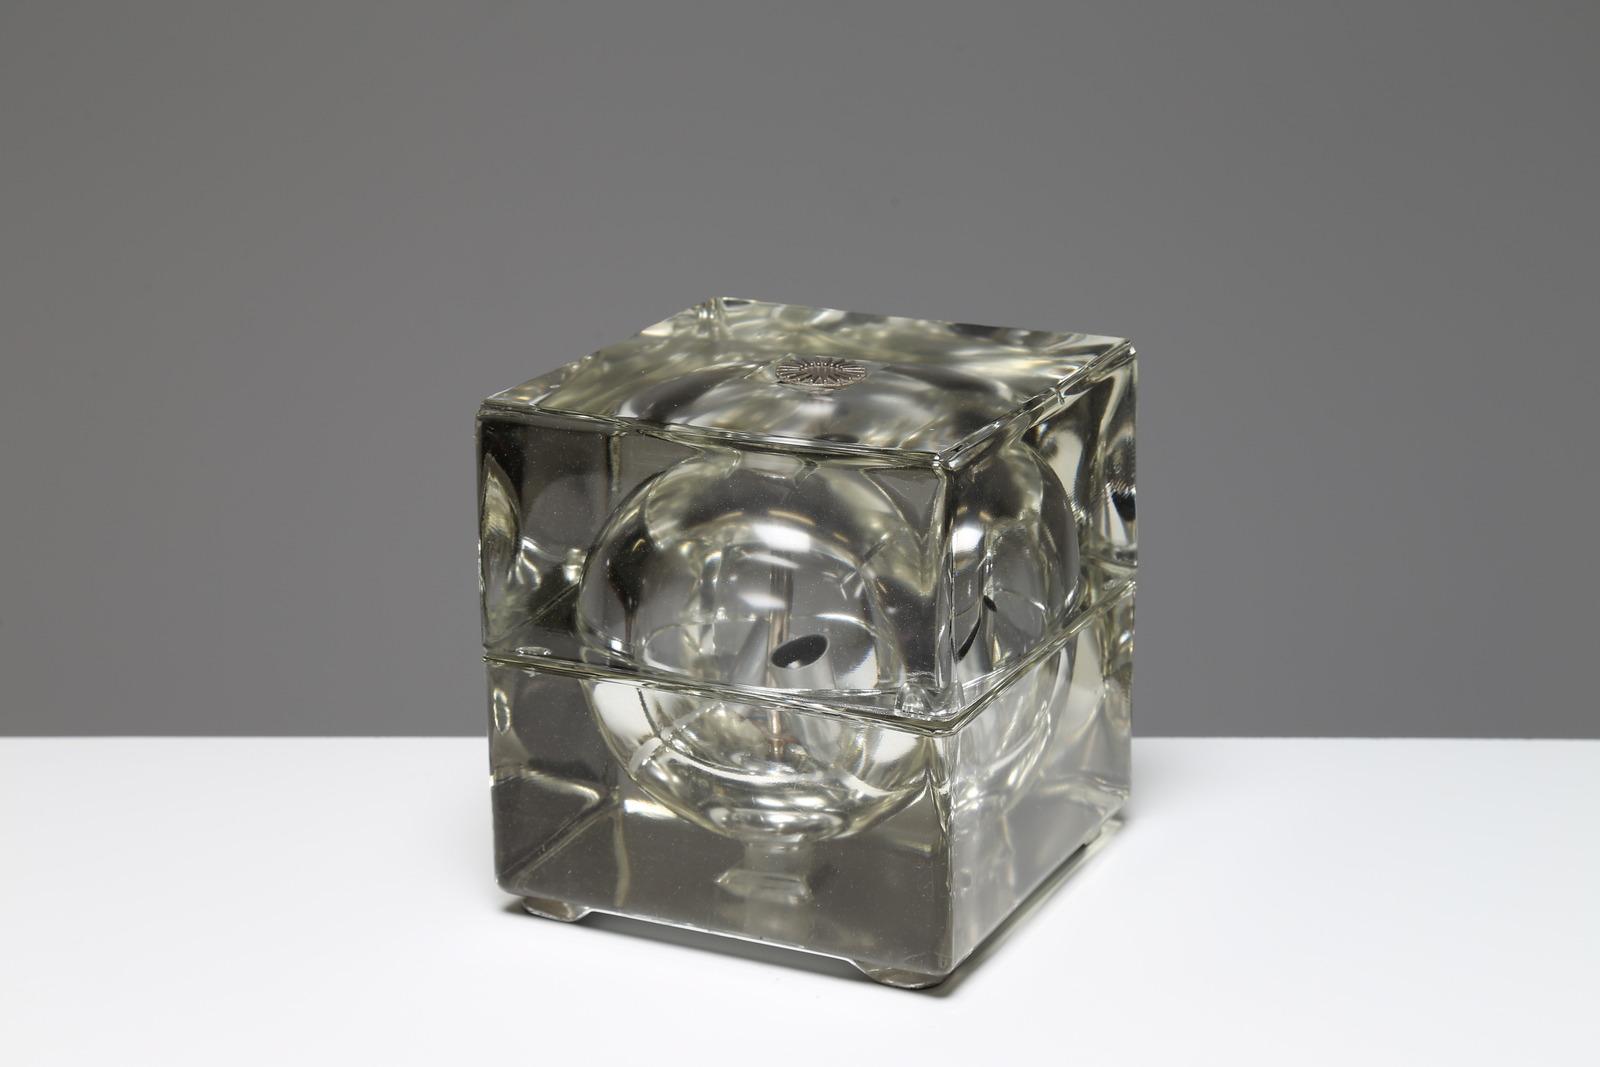 Lampade In Vetro Anni 70 : Lampadario vintage vetro anni applique lampada no led epoca ebay